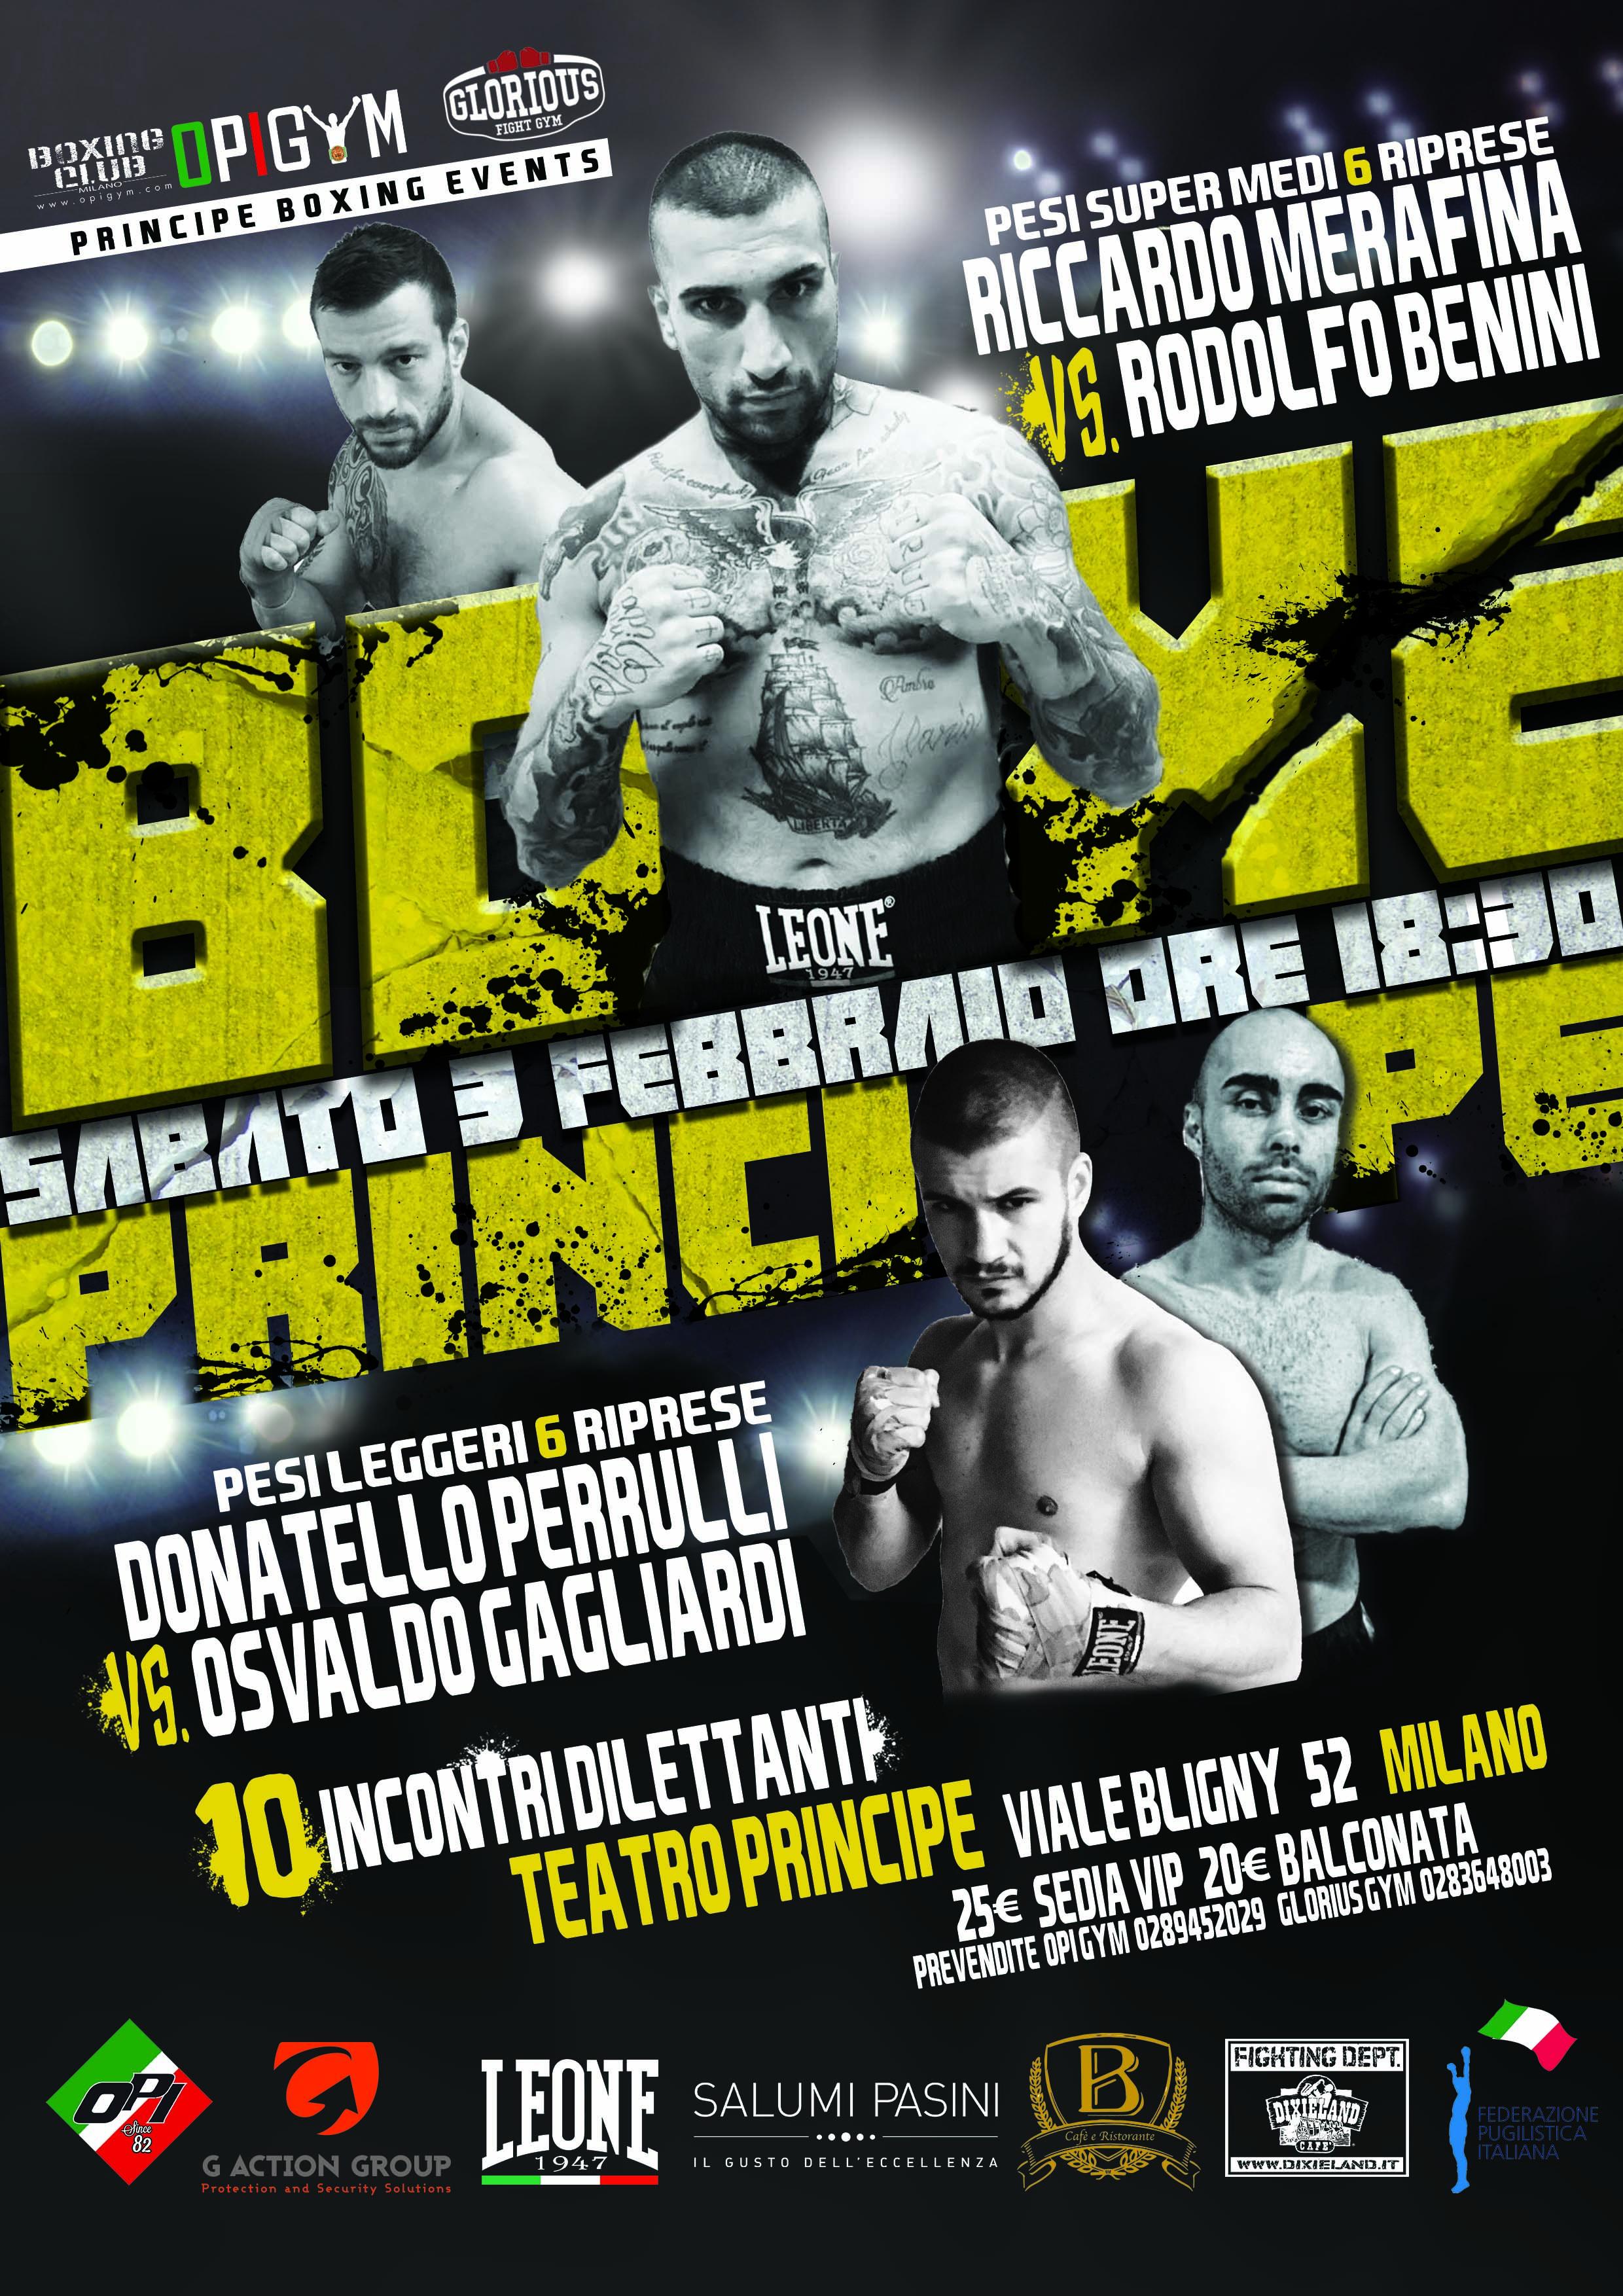 Sabato 3 Febbraio torna la boxe al teatro Principe di Milano